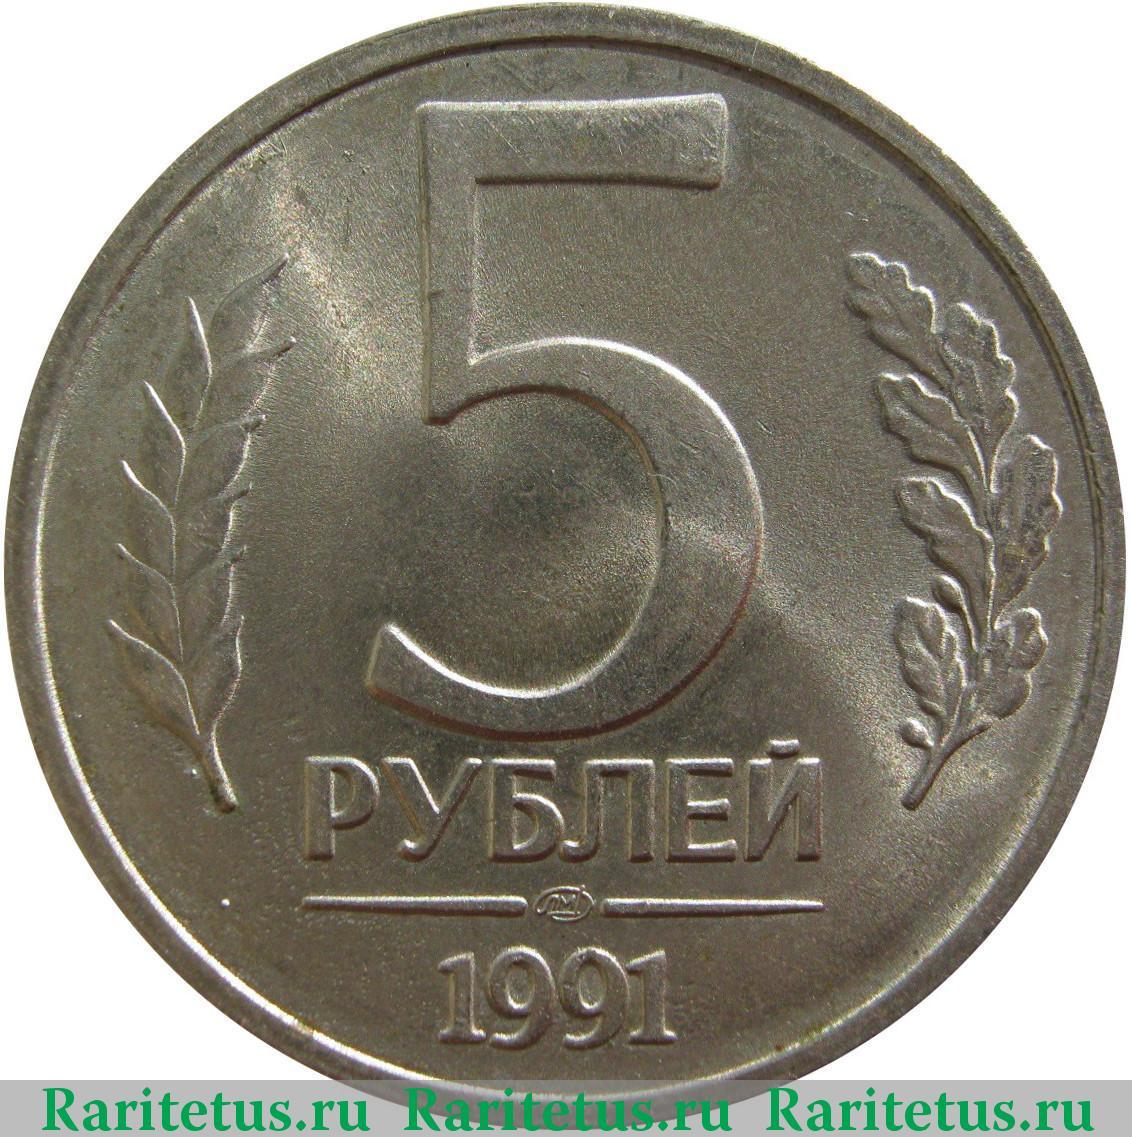 Стоимость монет ссср 1991 года 5 рублей интернет магазин монет 2 евро